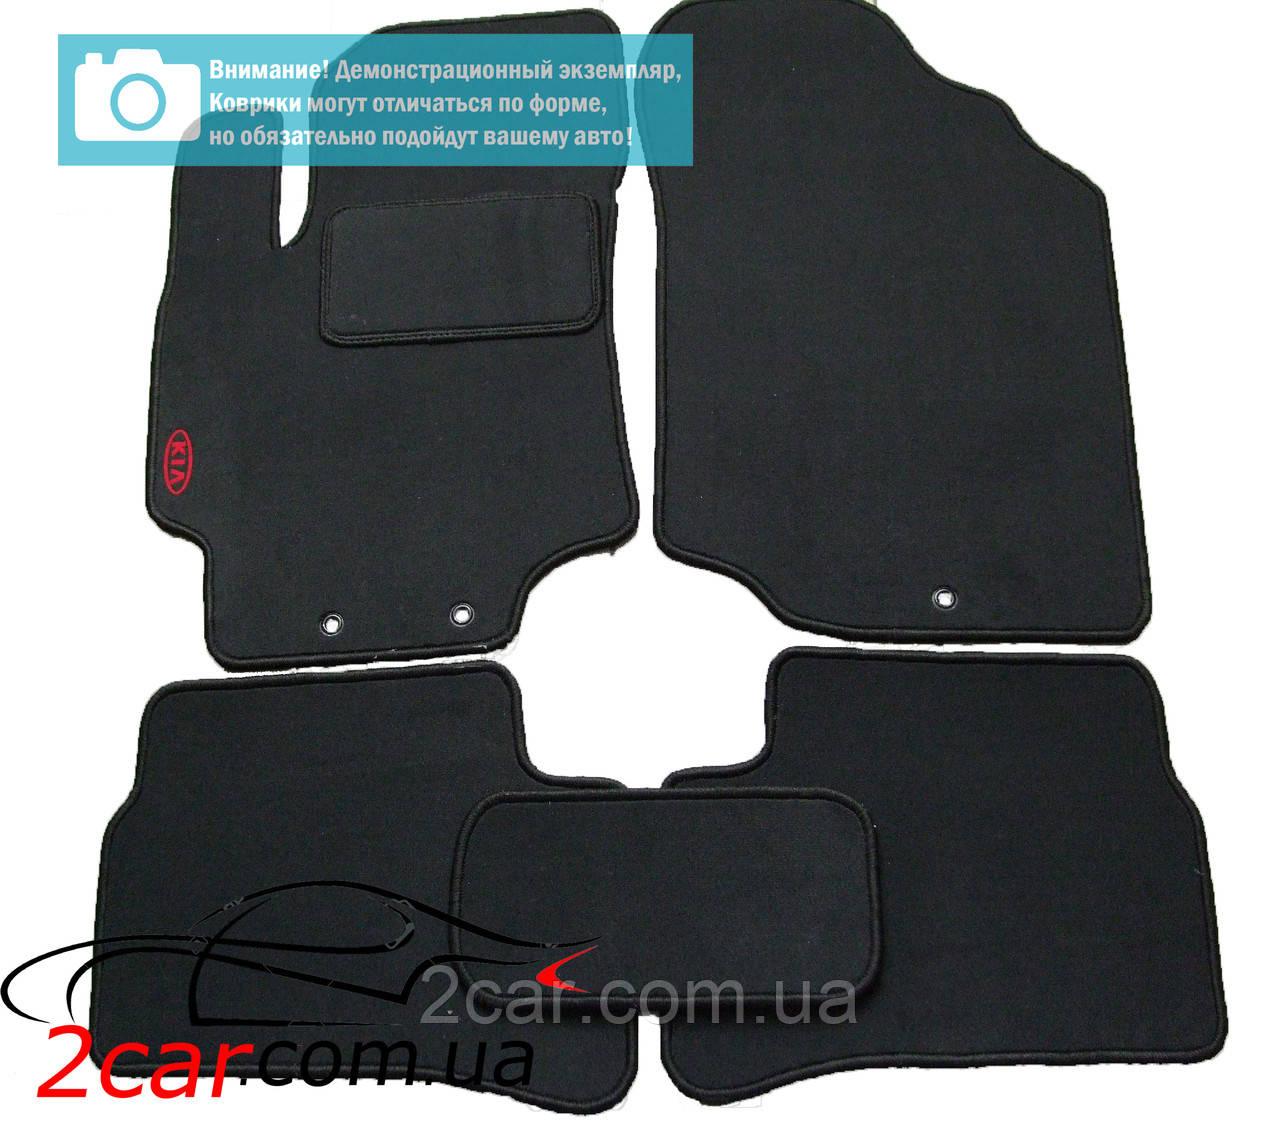 Текстильные коврики в салон для Infiniti FX-35,FX-45 (2003-2010) (серы